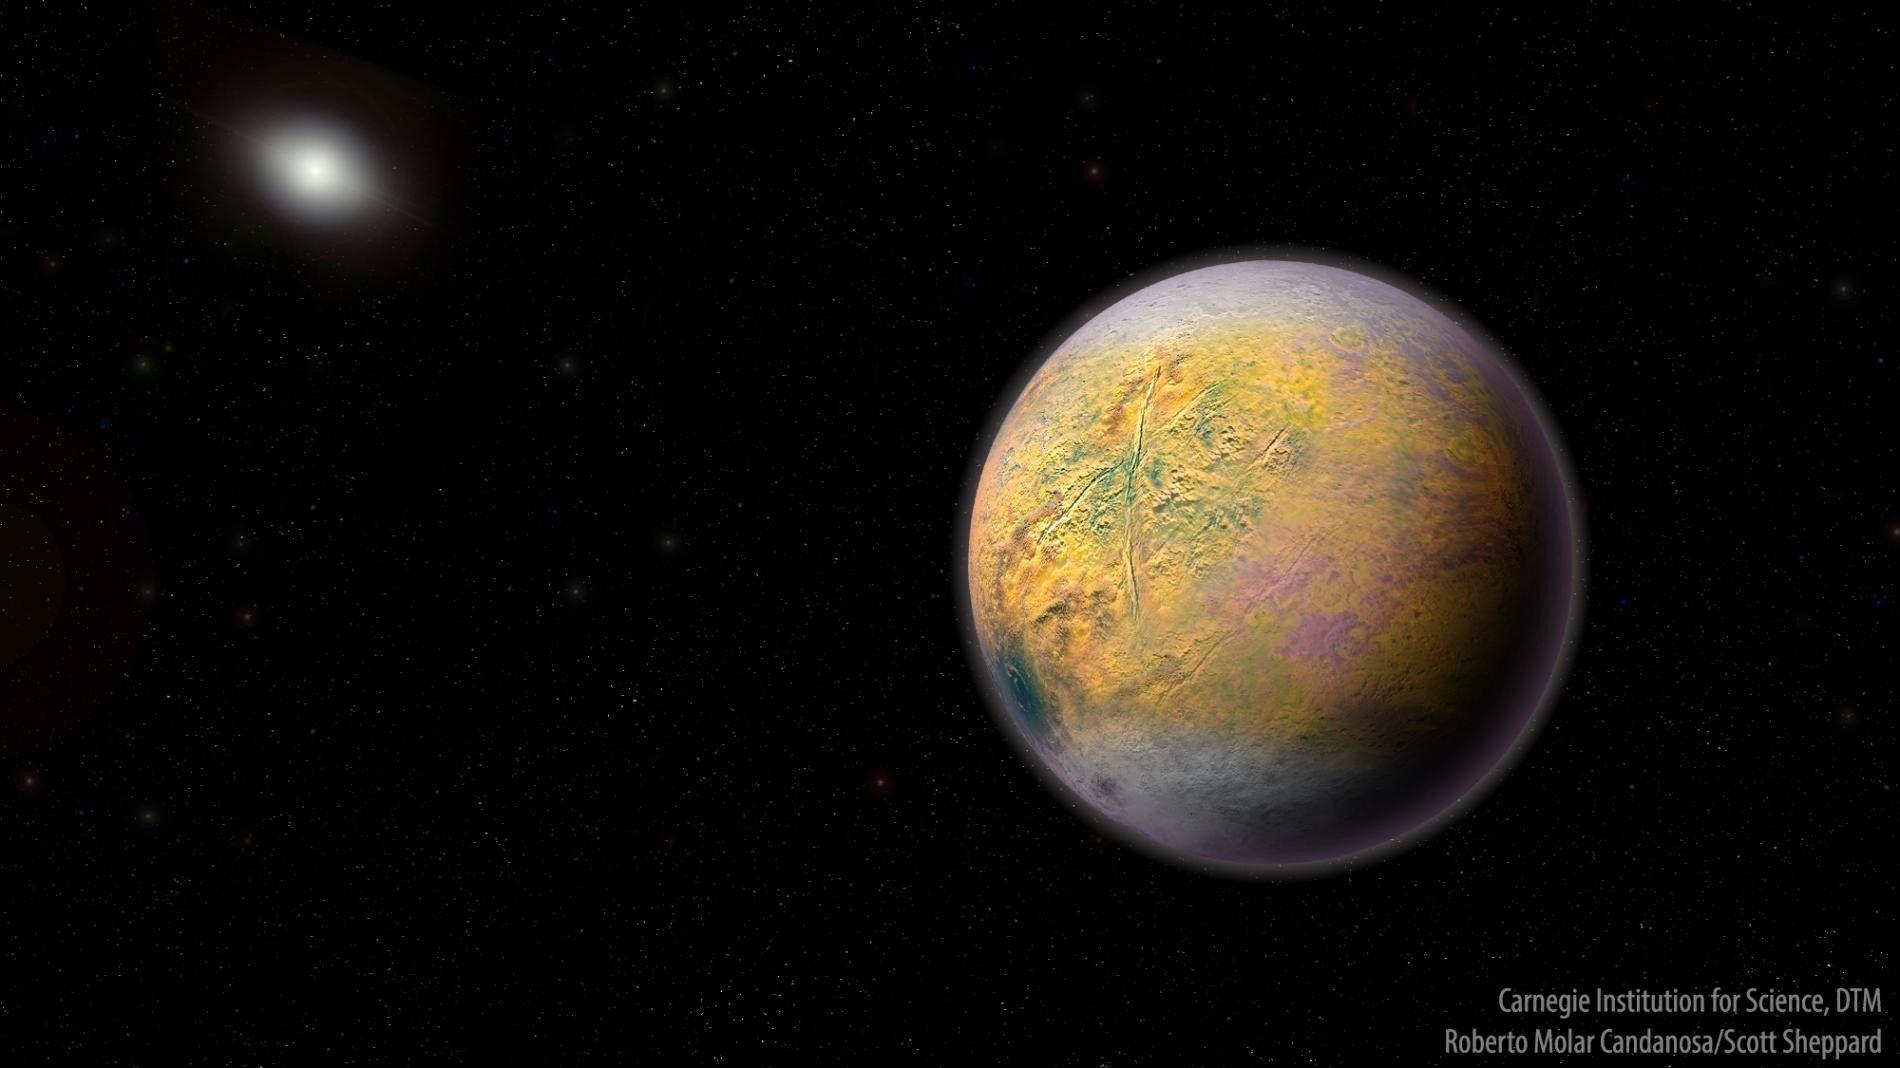 Découverte d'une nouvelle planète naine dans notre système solaire